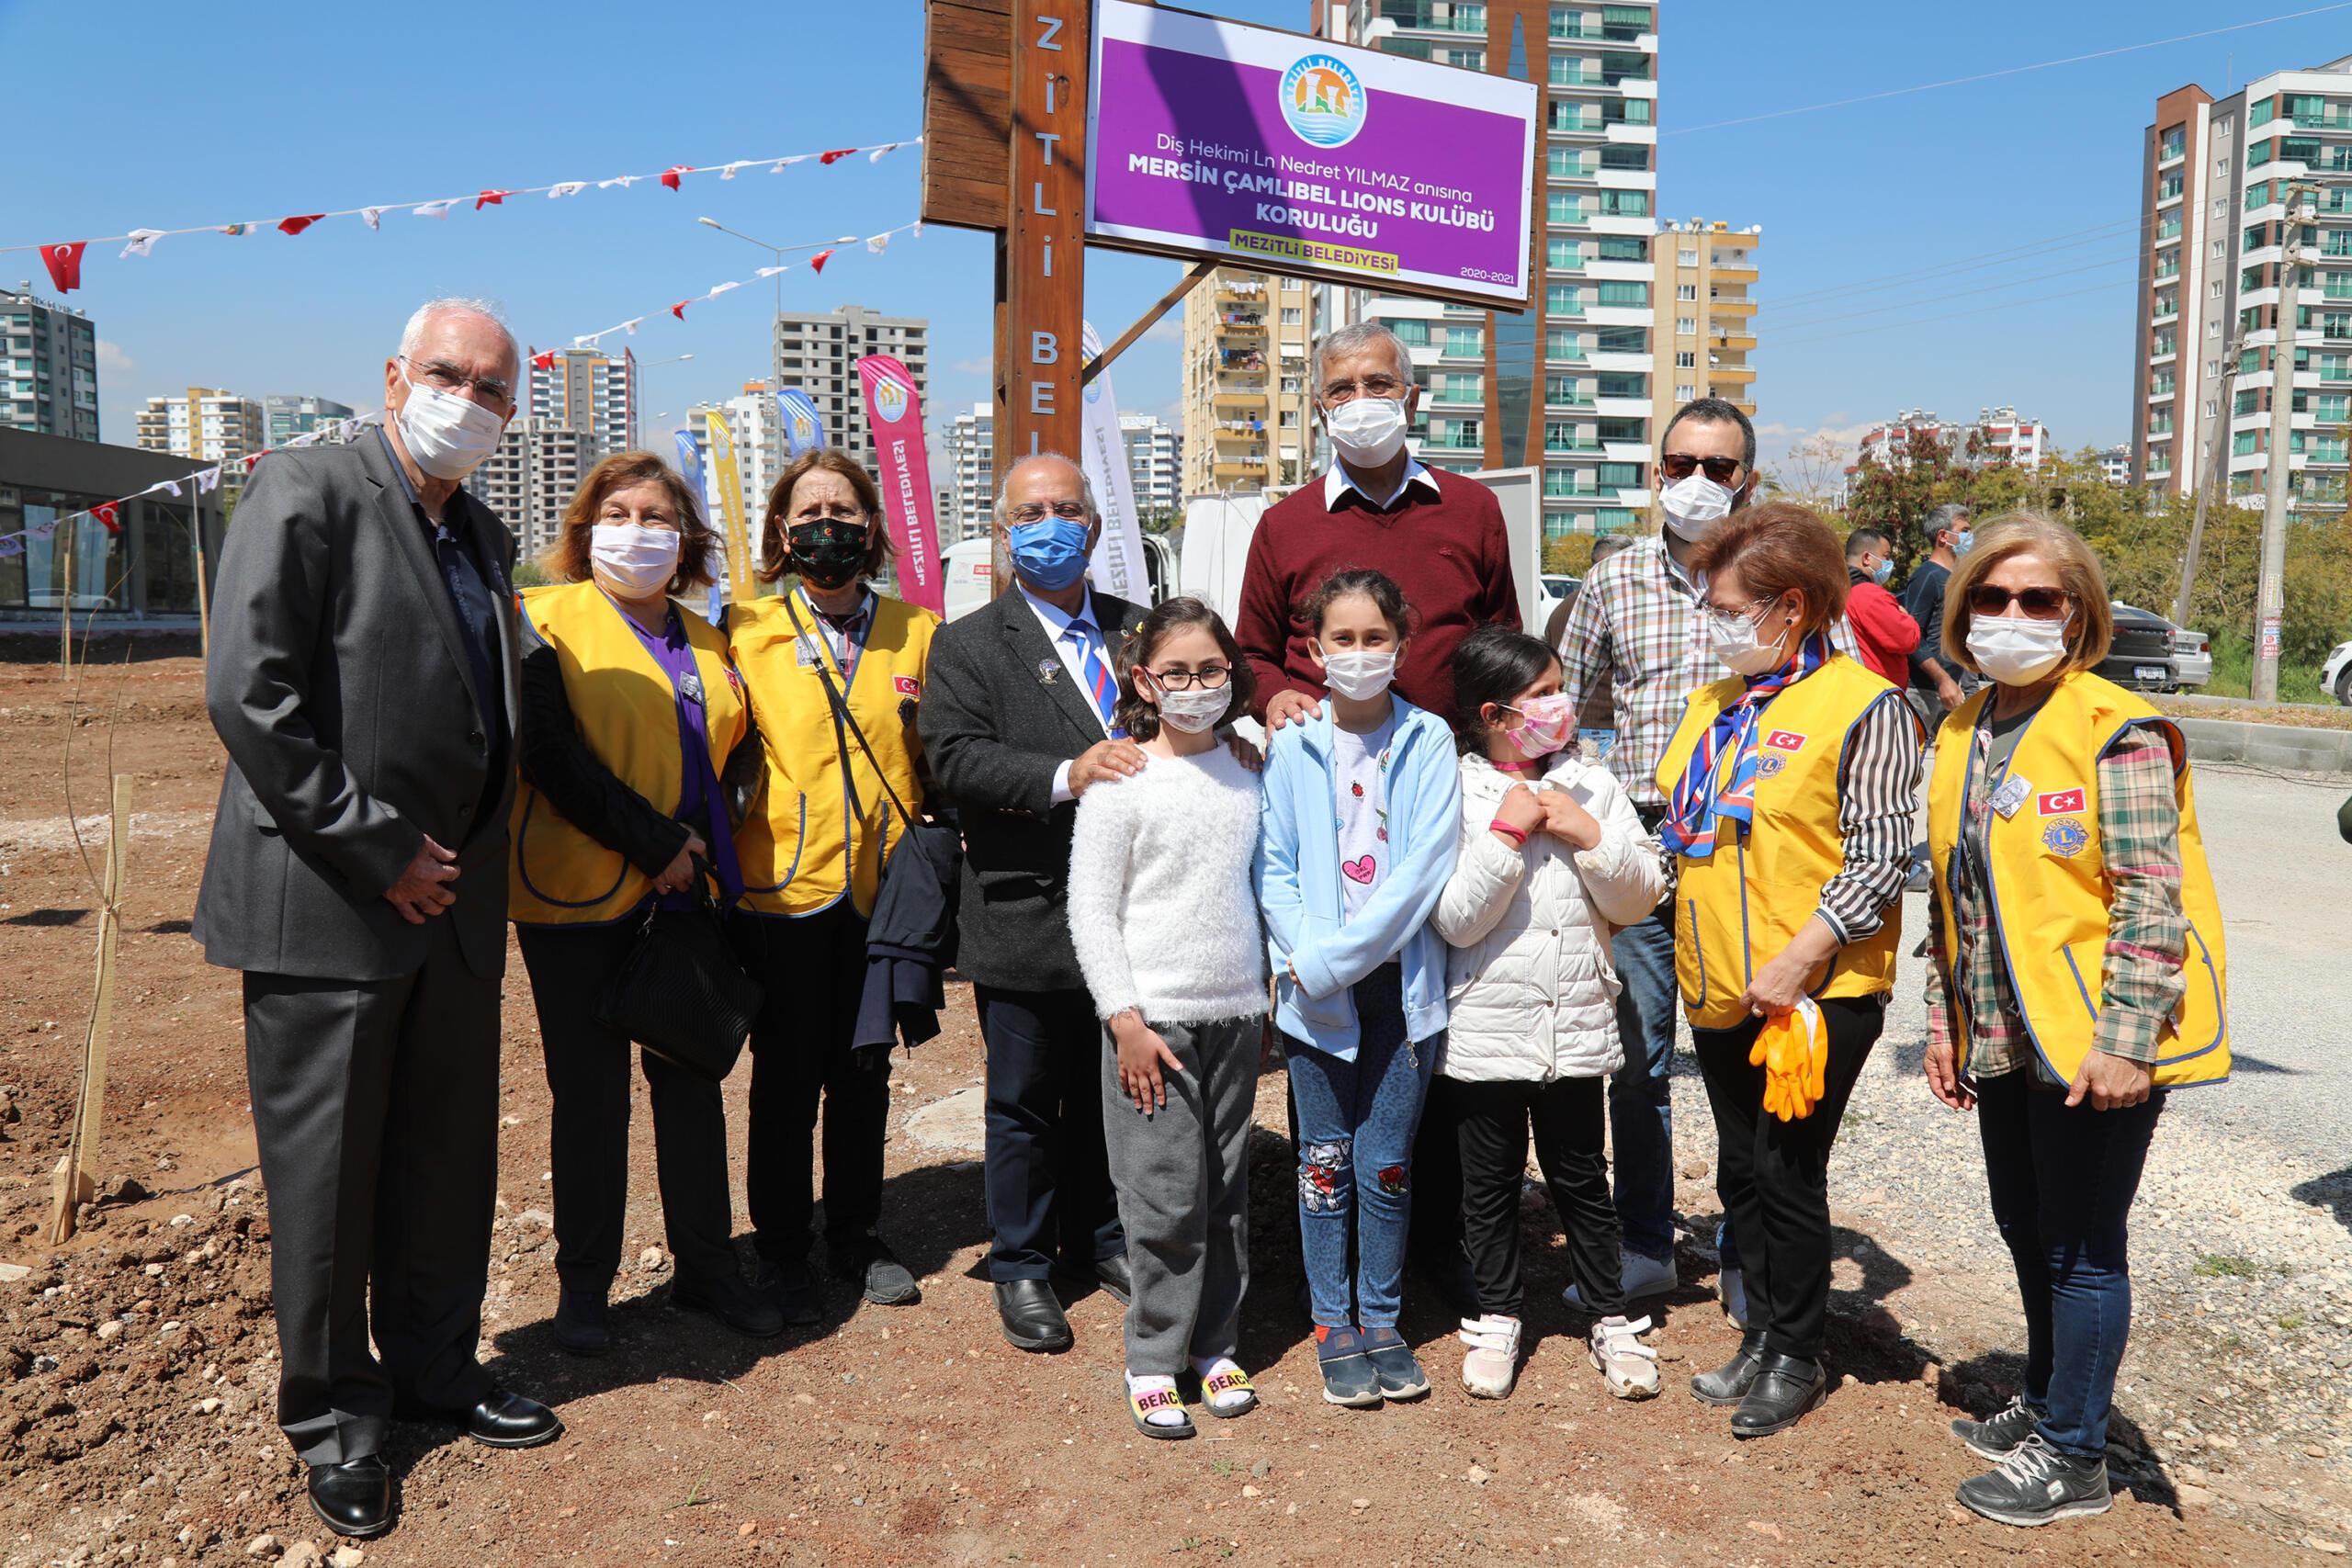 Mezitli'de 62. Koruluk Merhum Dr. Yılmaz Adına Açıldı